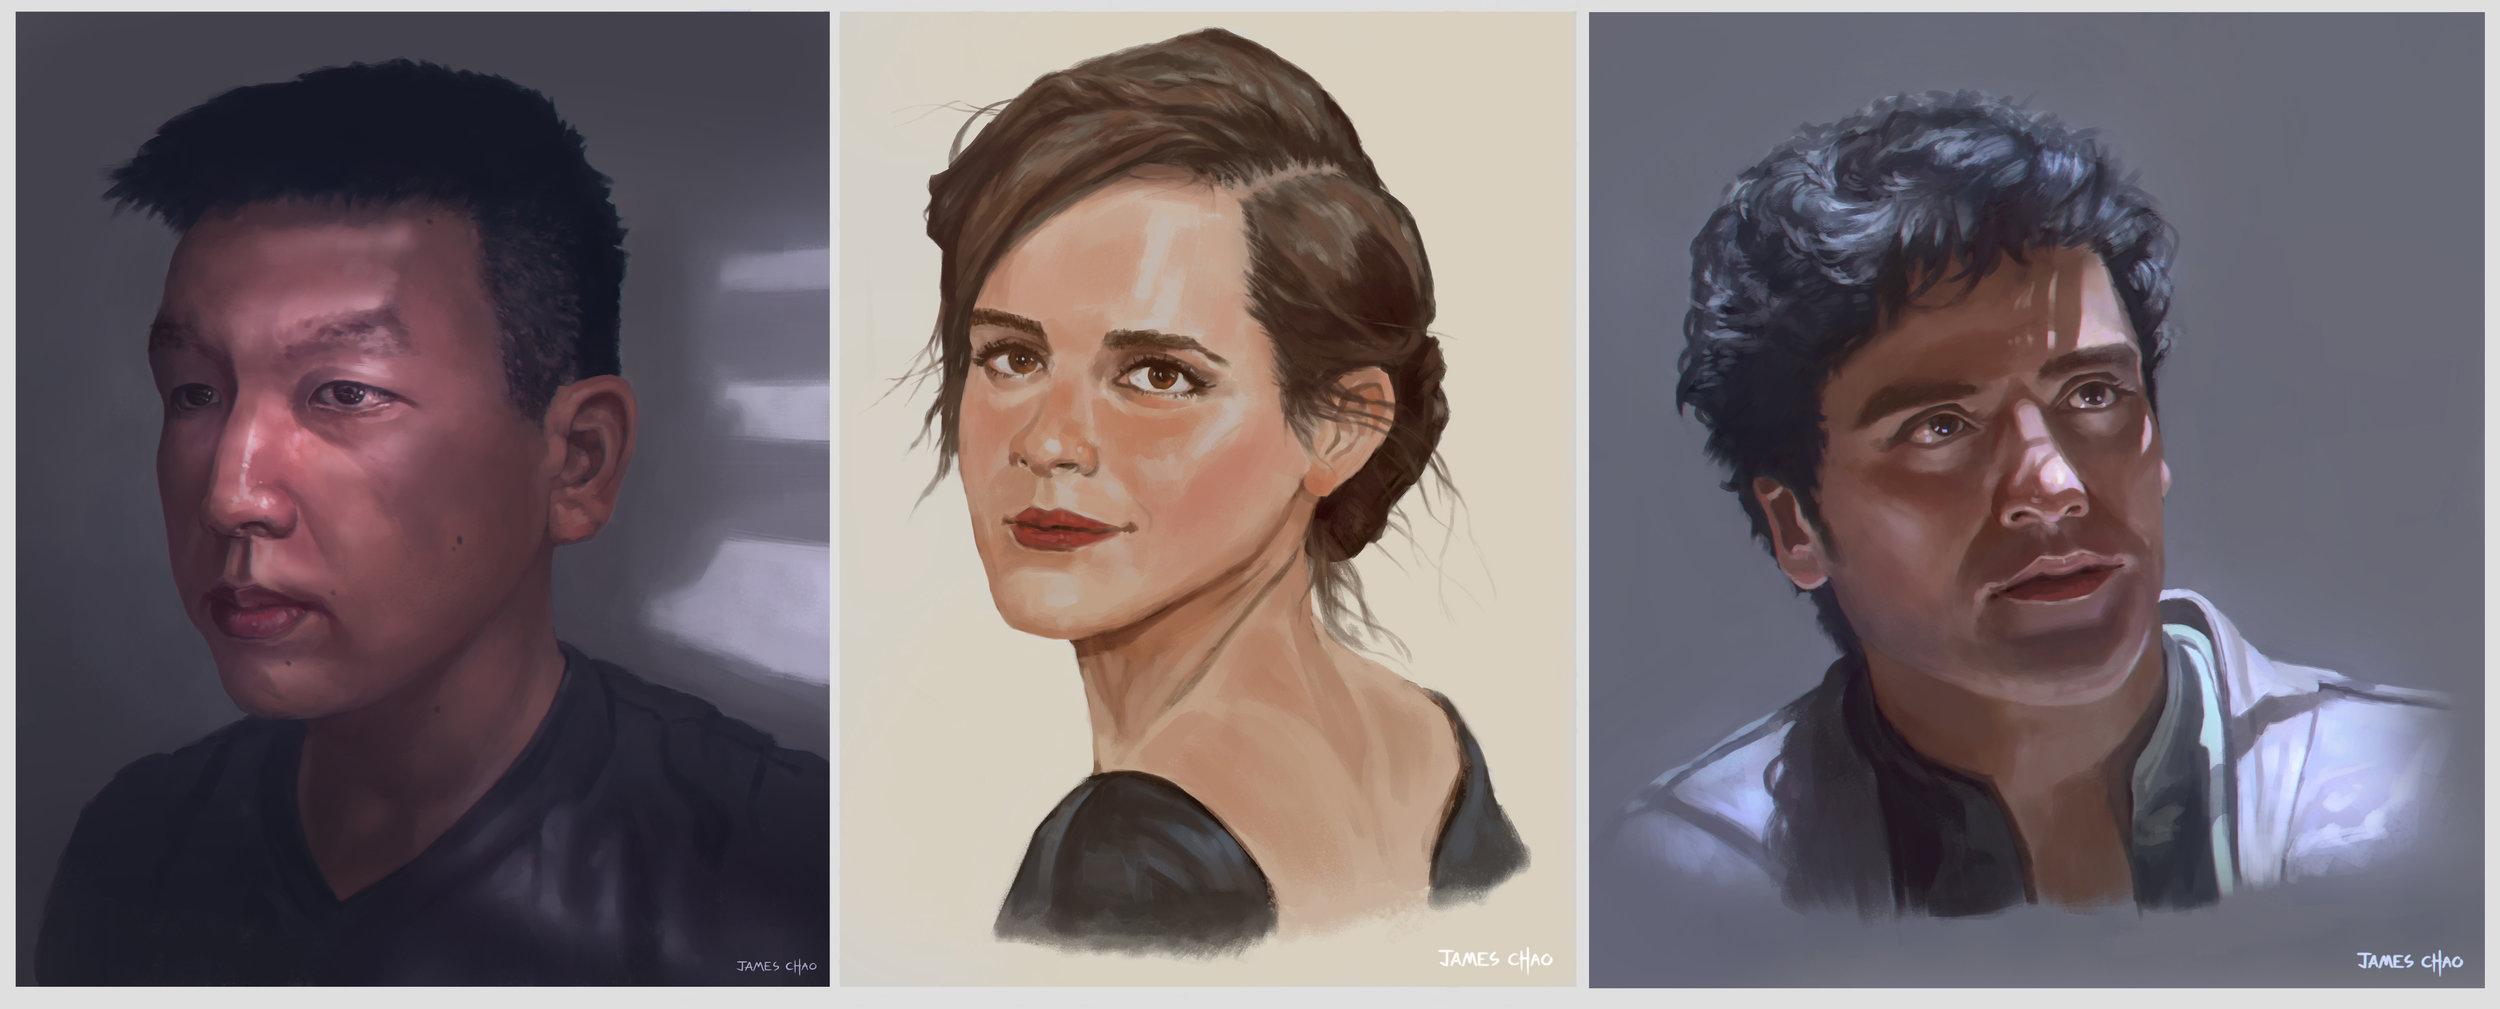 James_Chao_Portraits.jpg